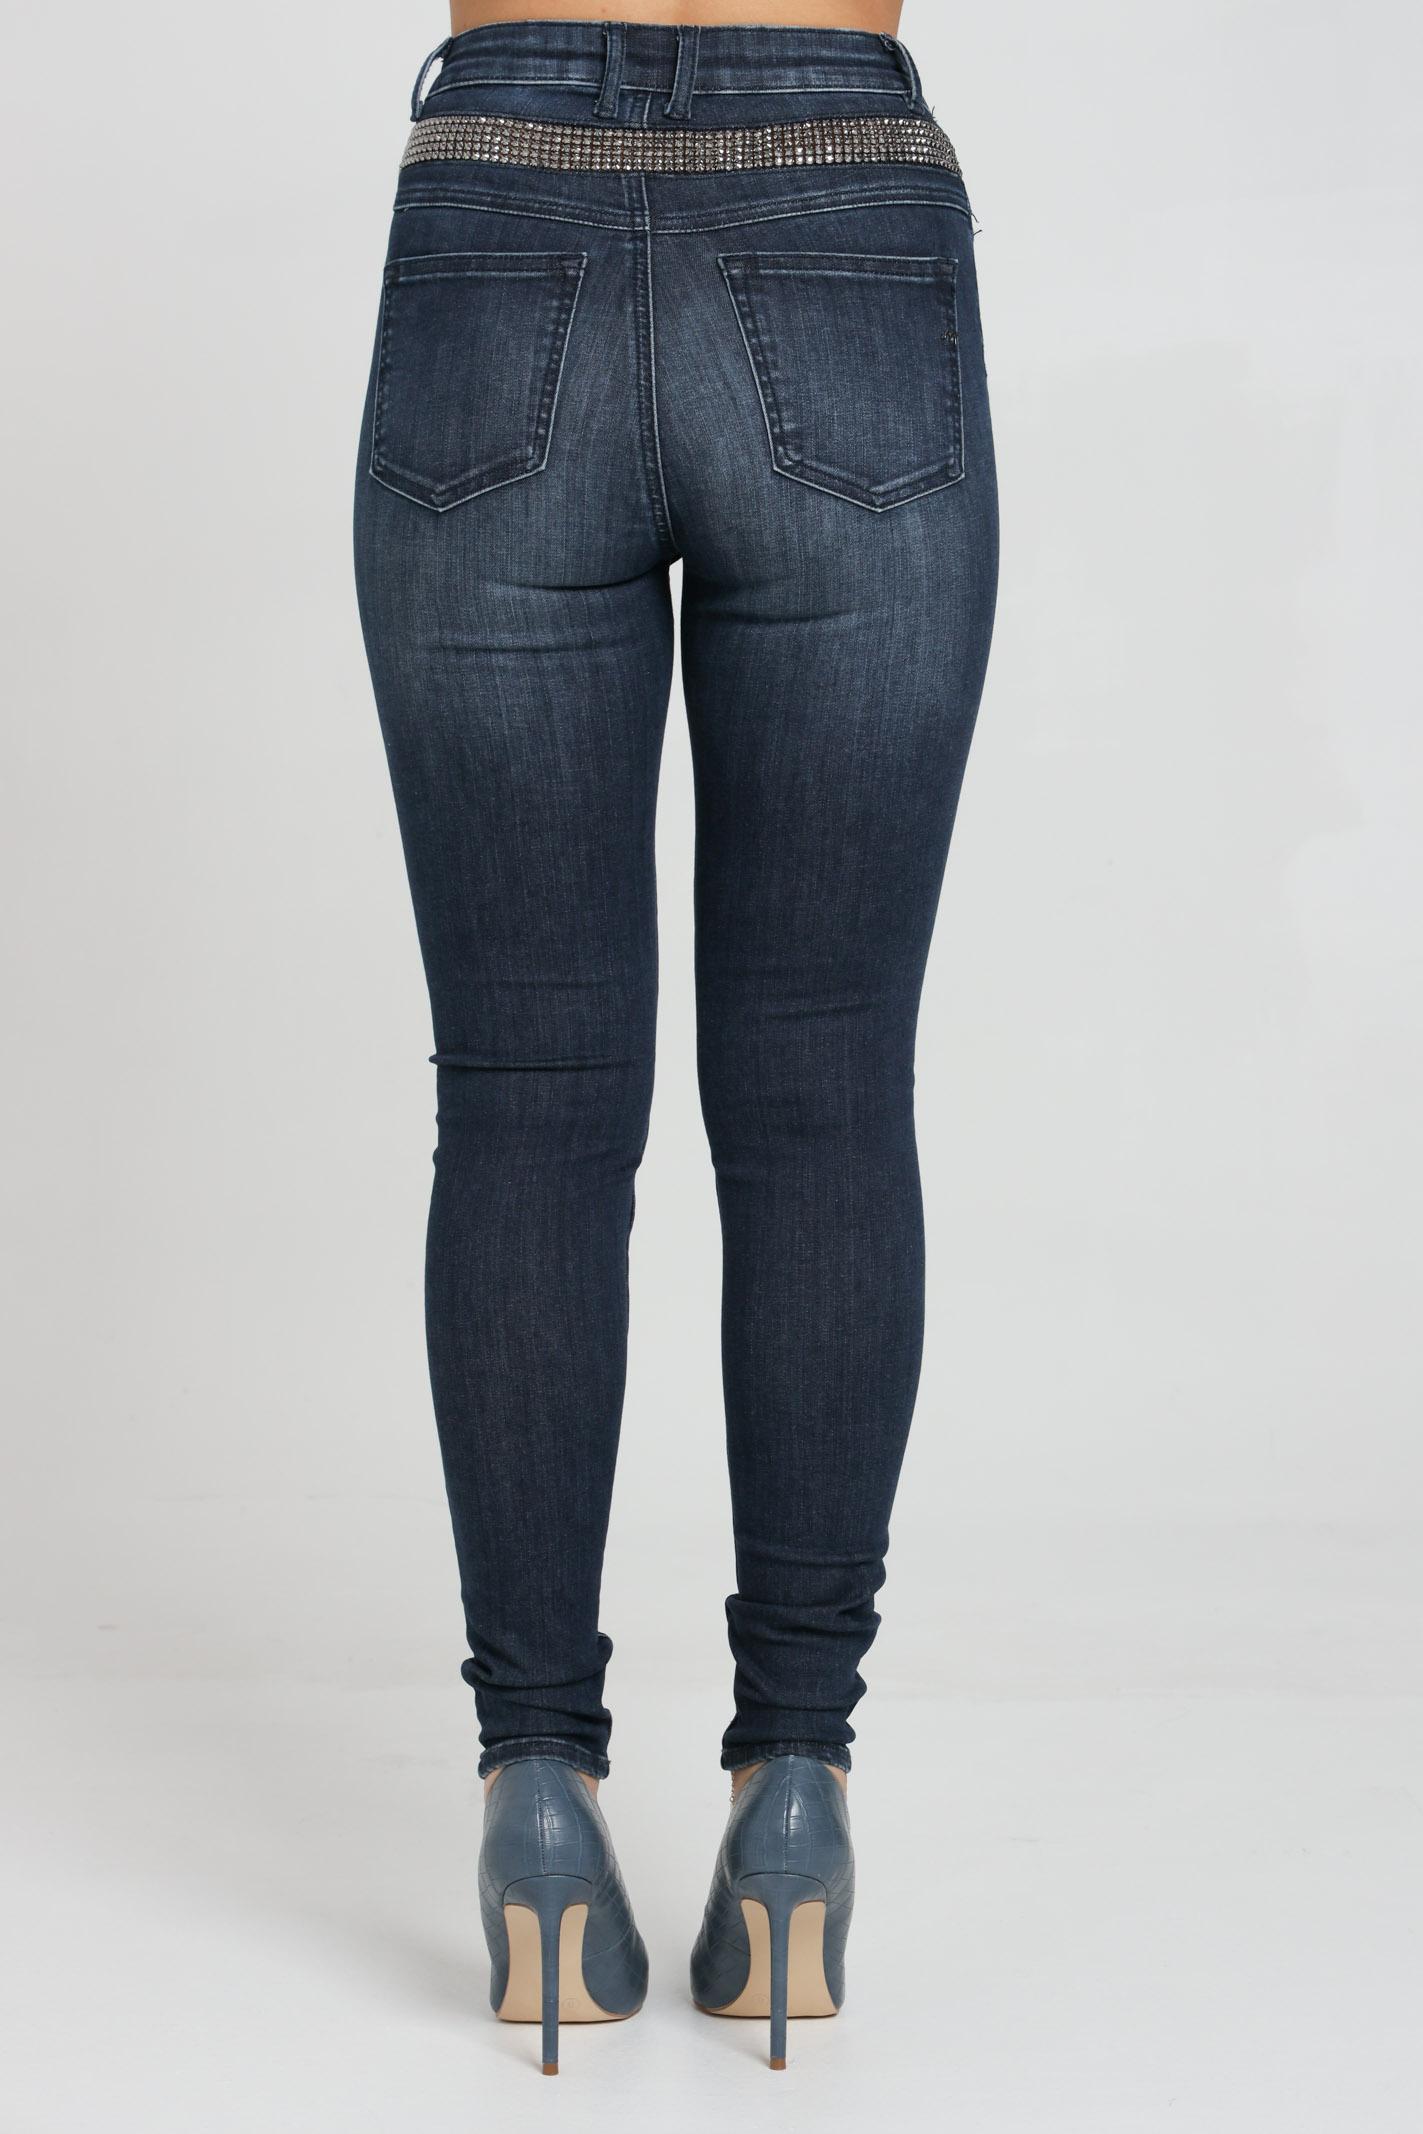 Jeans modello 5 tasche con bande laterali donna